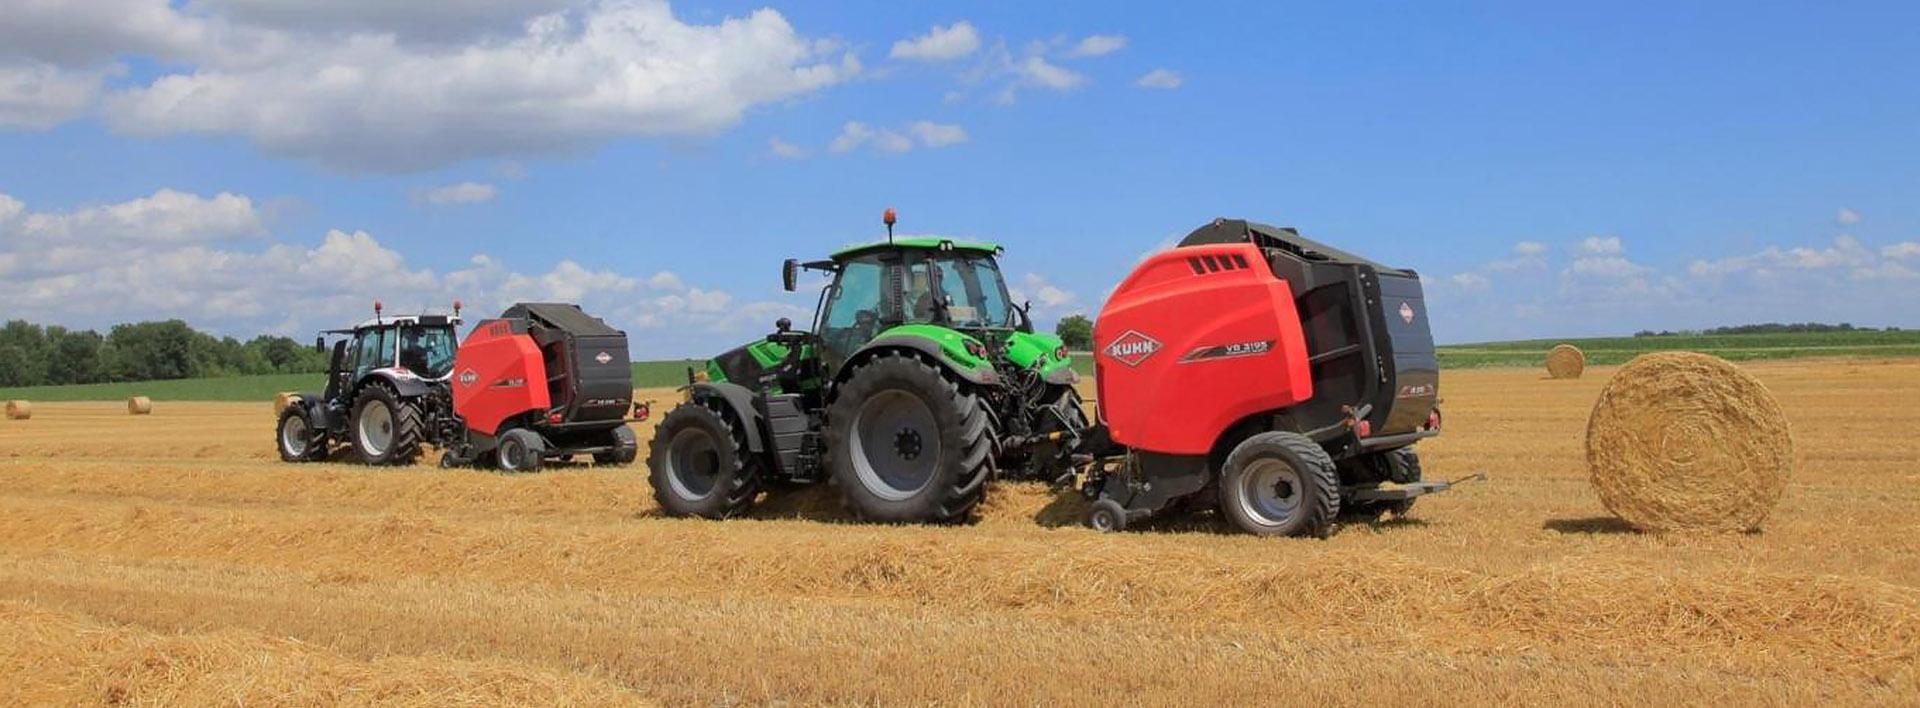 KUHN New Equipment & Machinery Range